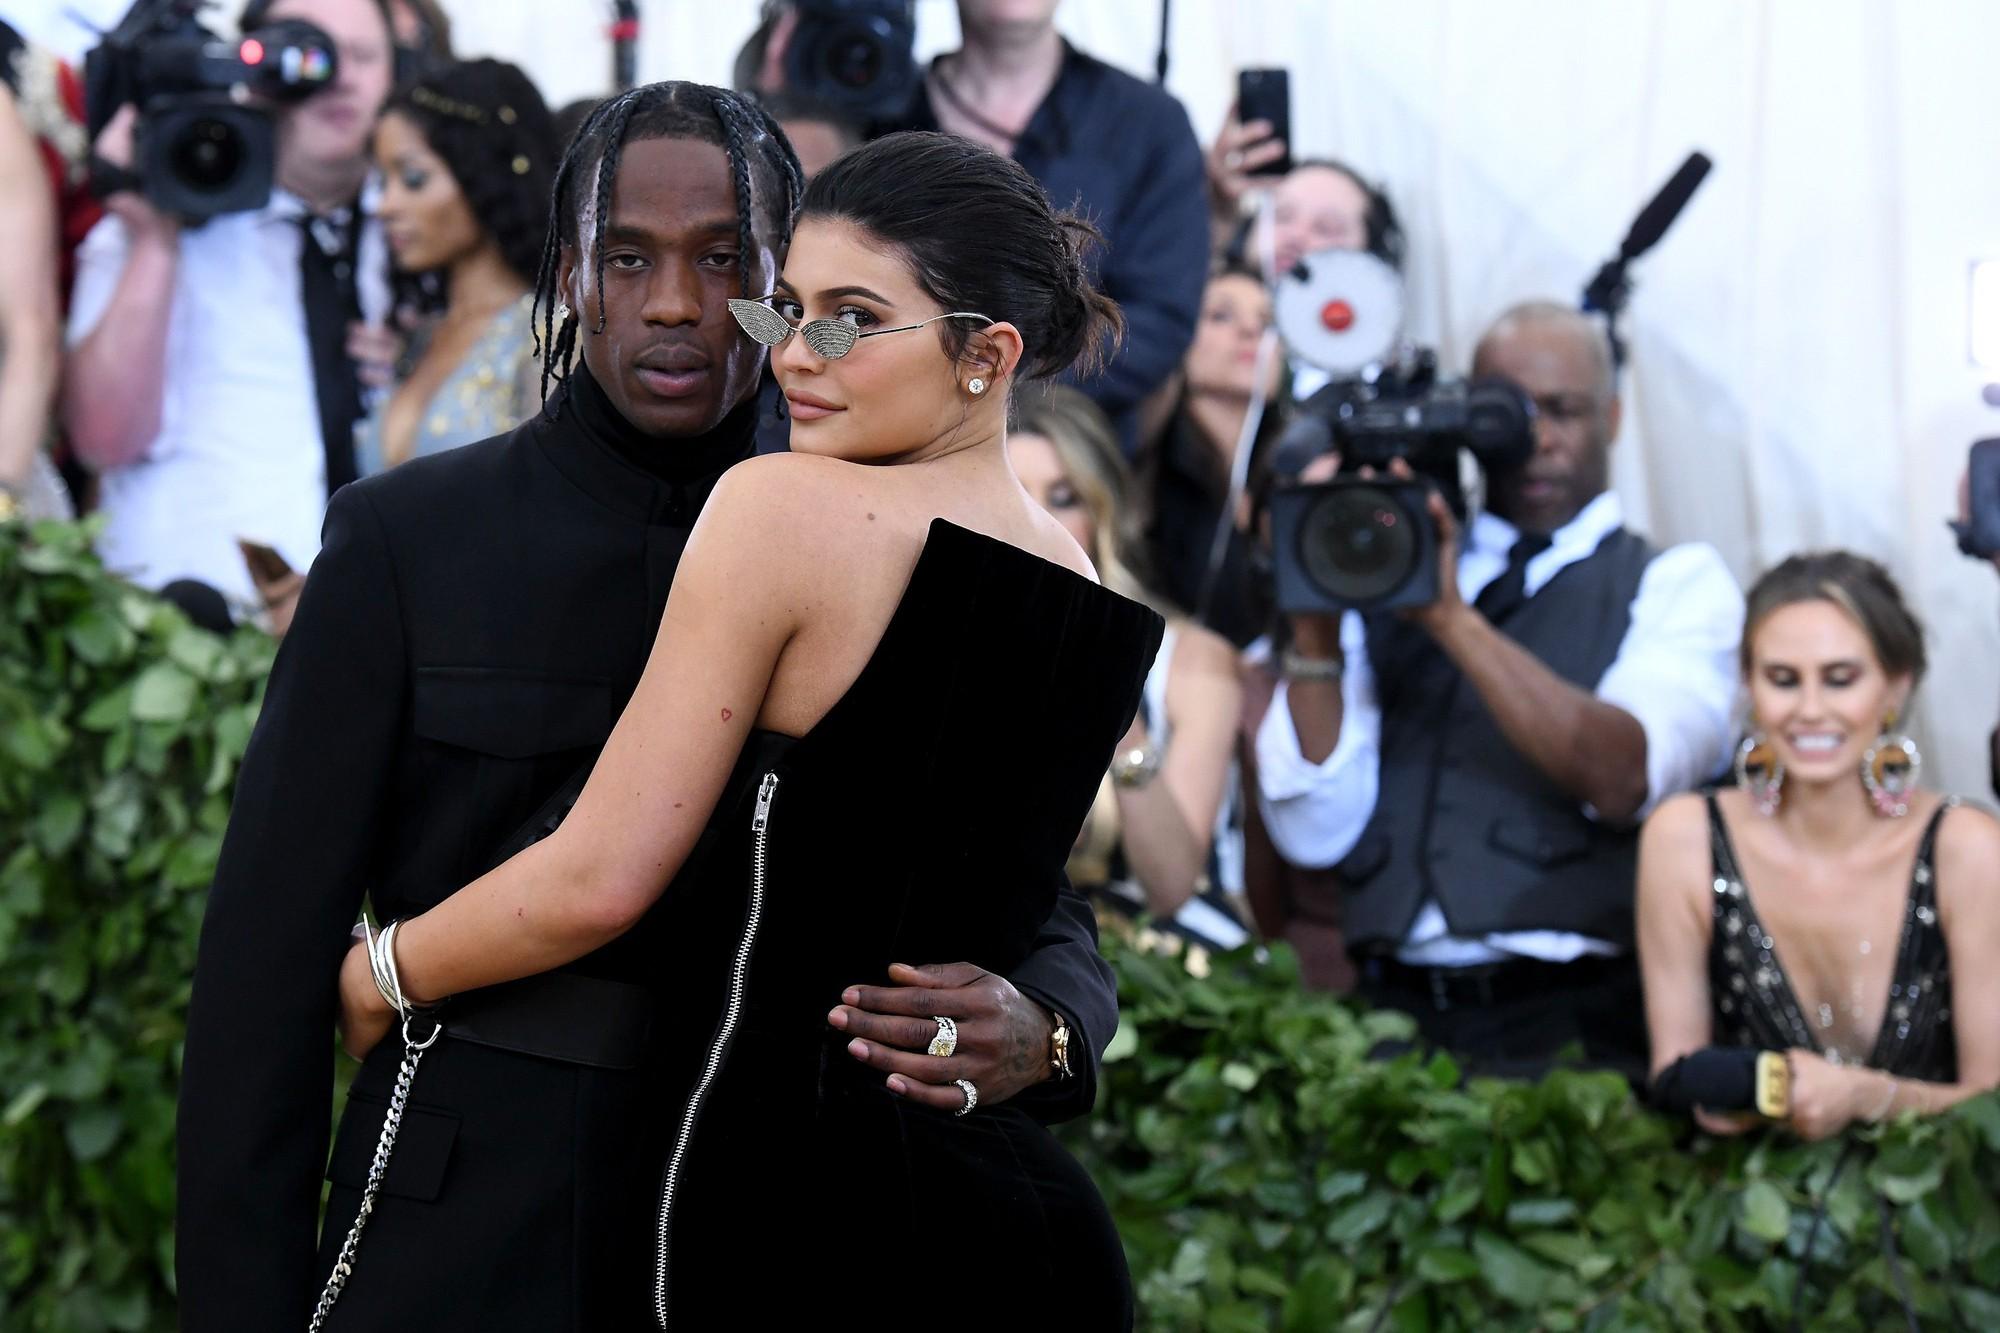 Tiếp tục drama chị em nhà Kim: Hết chị gái bị cắm sừng, lại đến Kylie Jenner phát hiện bạn trai ngoại tình? - Ảnh 3.